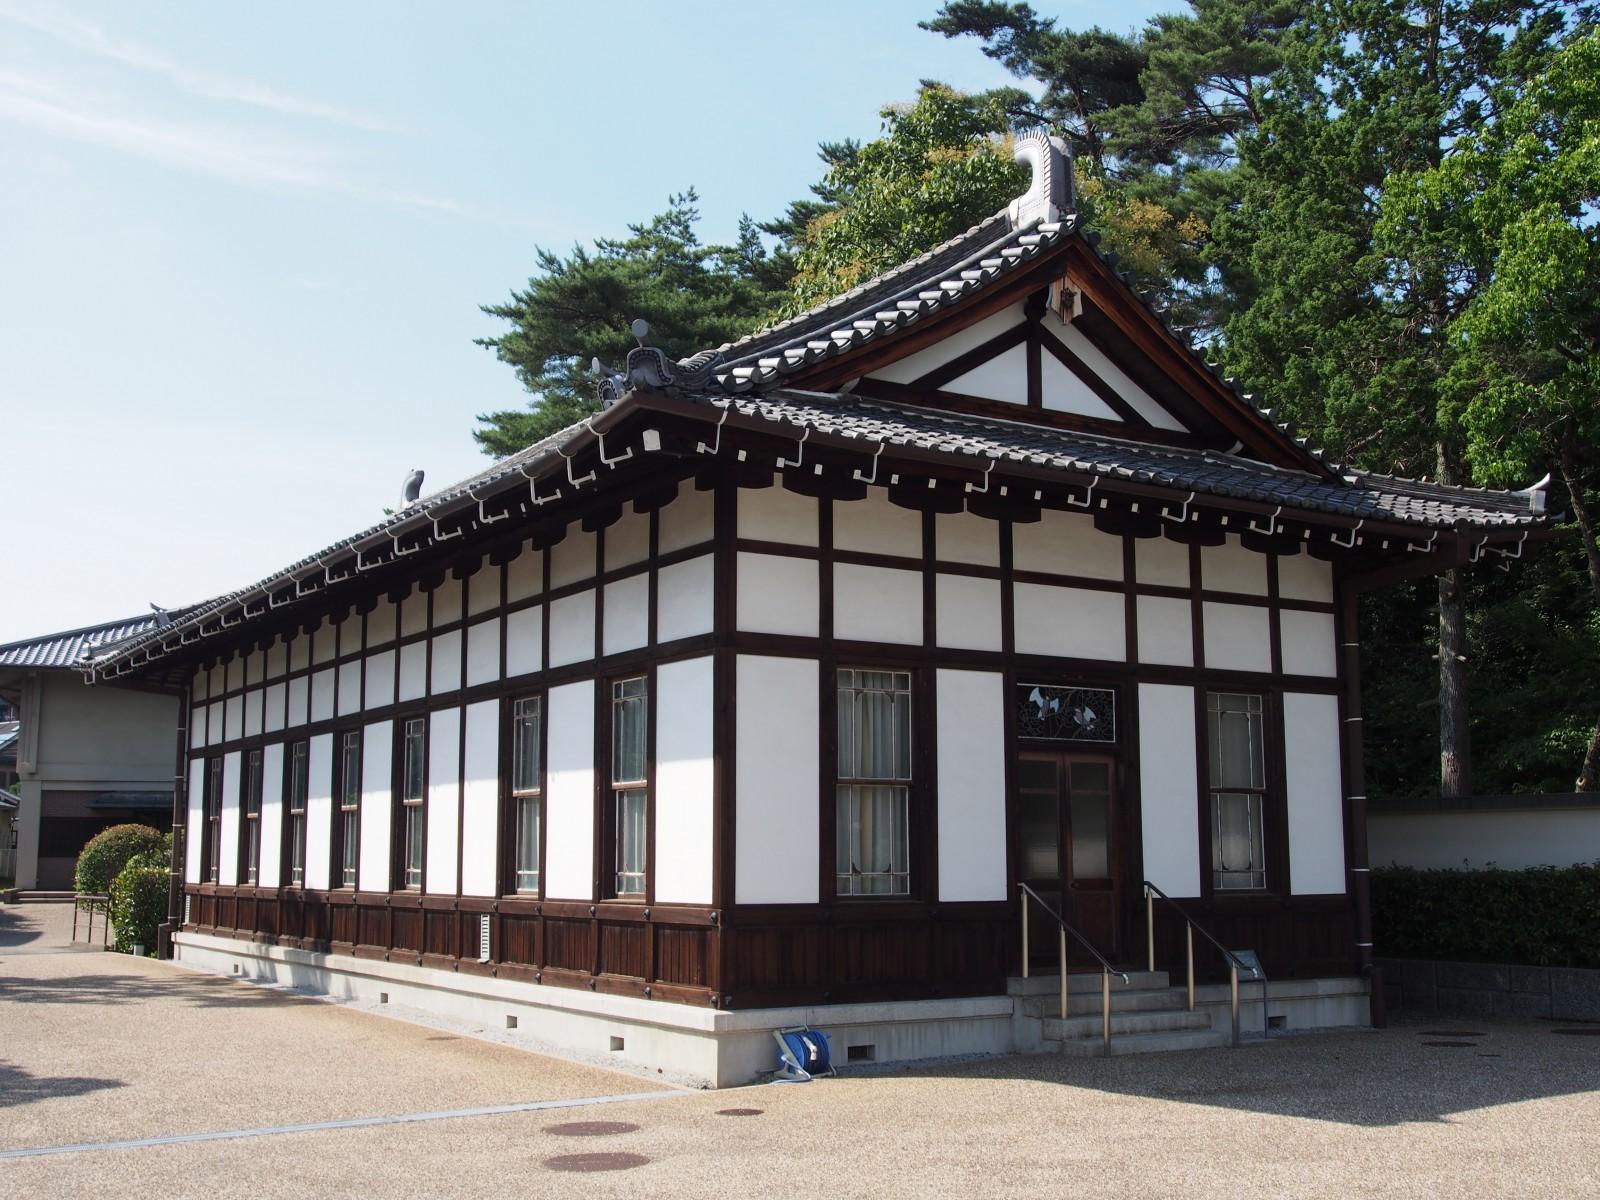 辰野金吾の設計による「文華ホール」(旧奈良ホテルラウンジ)